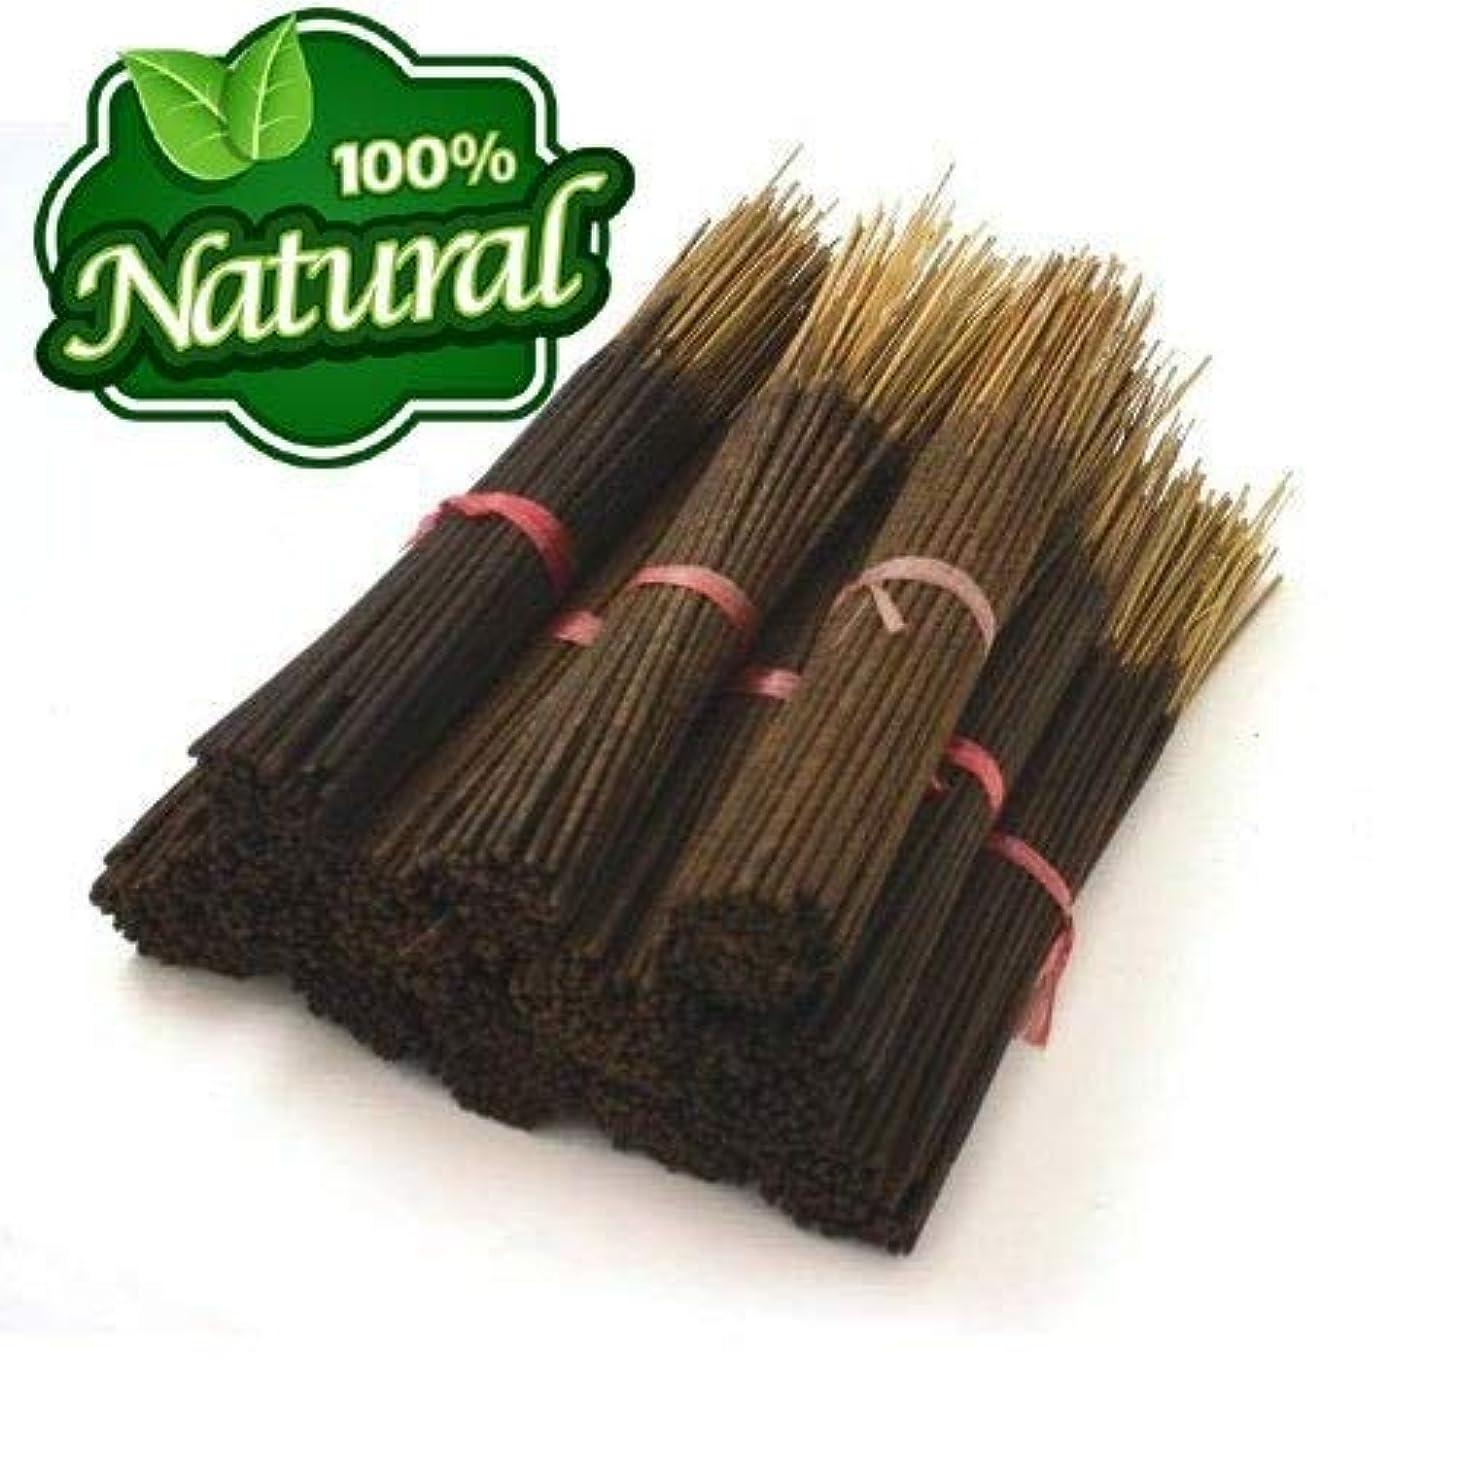 溢れんばかりの略奪虎Bless-Frankincense-and-Myrrh 100%-natural-incense-sticks Handmade-hand-dipped The-best-woods-scent-500-Pack-(100x5)